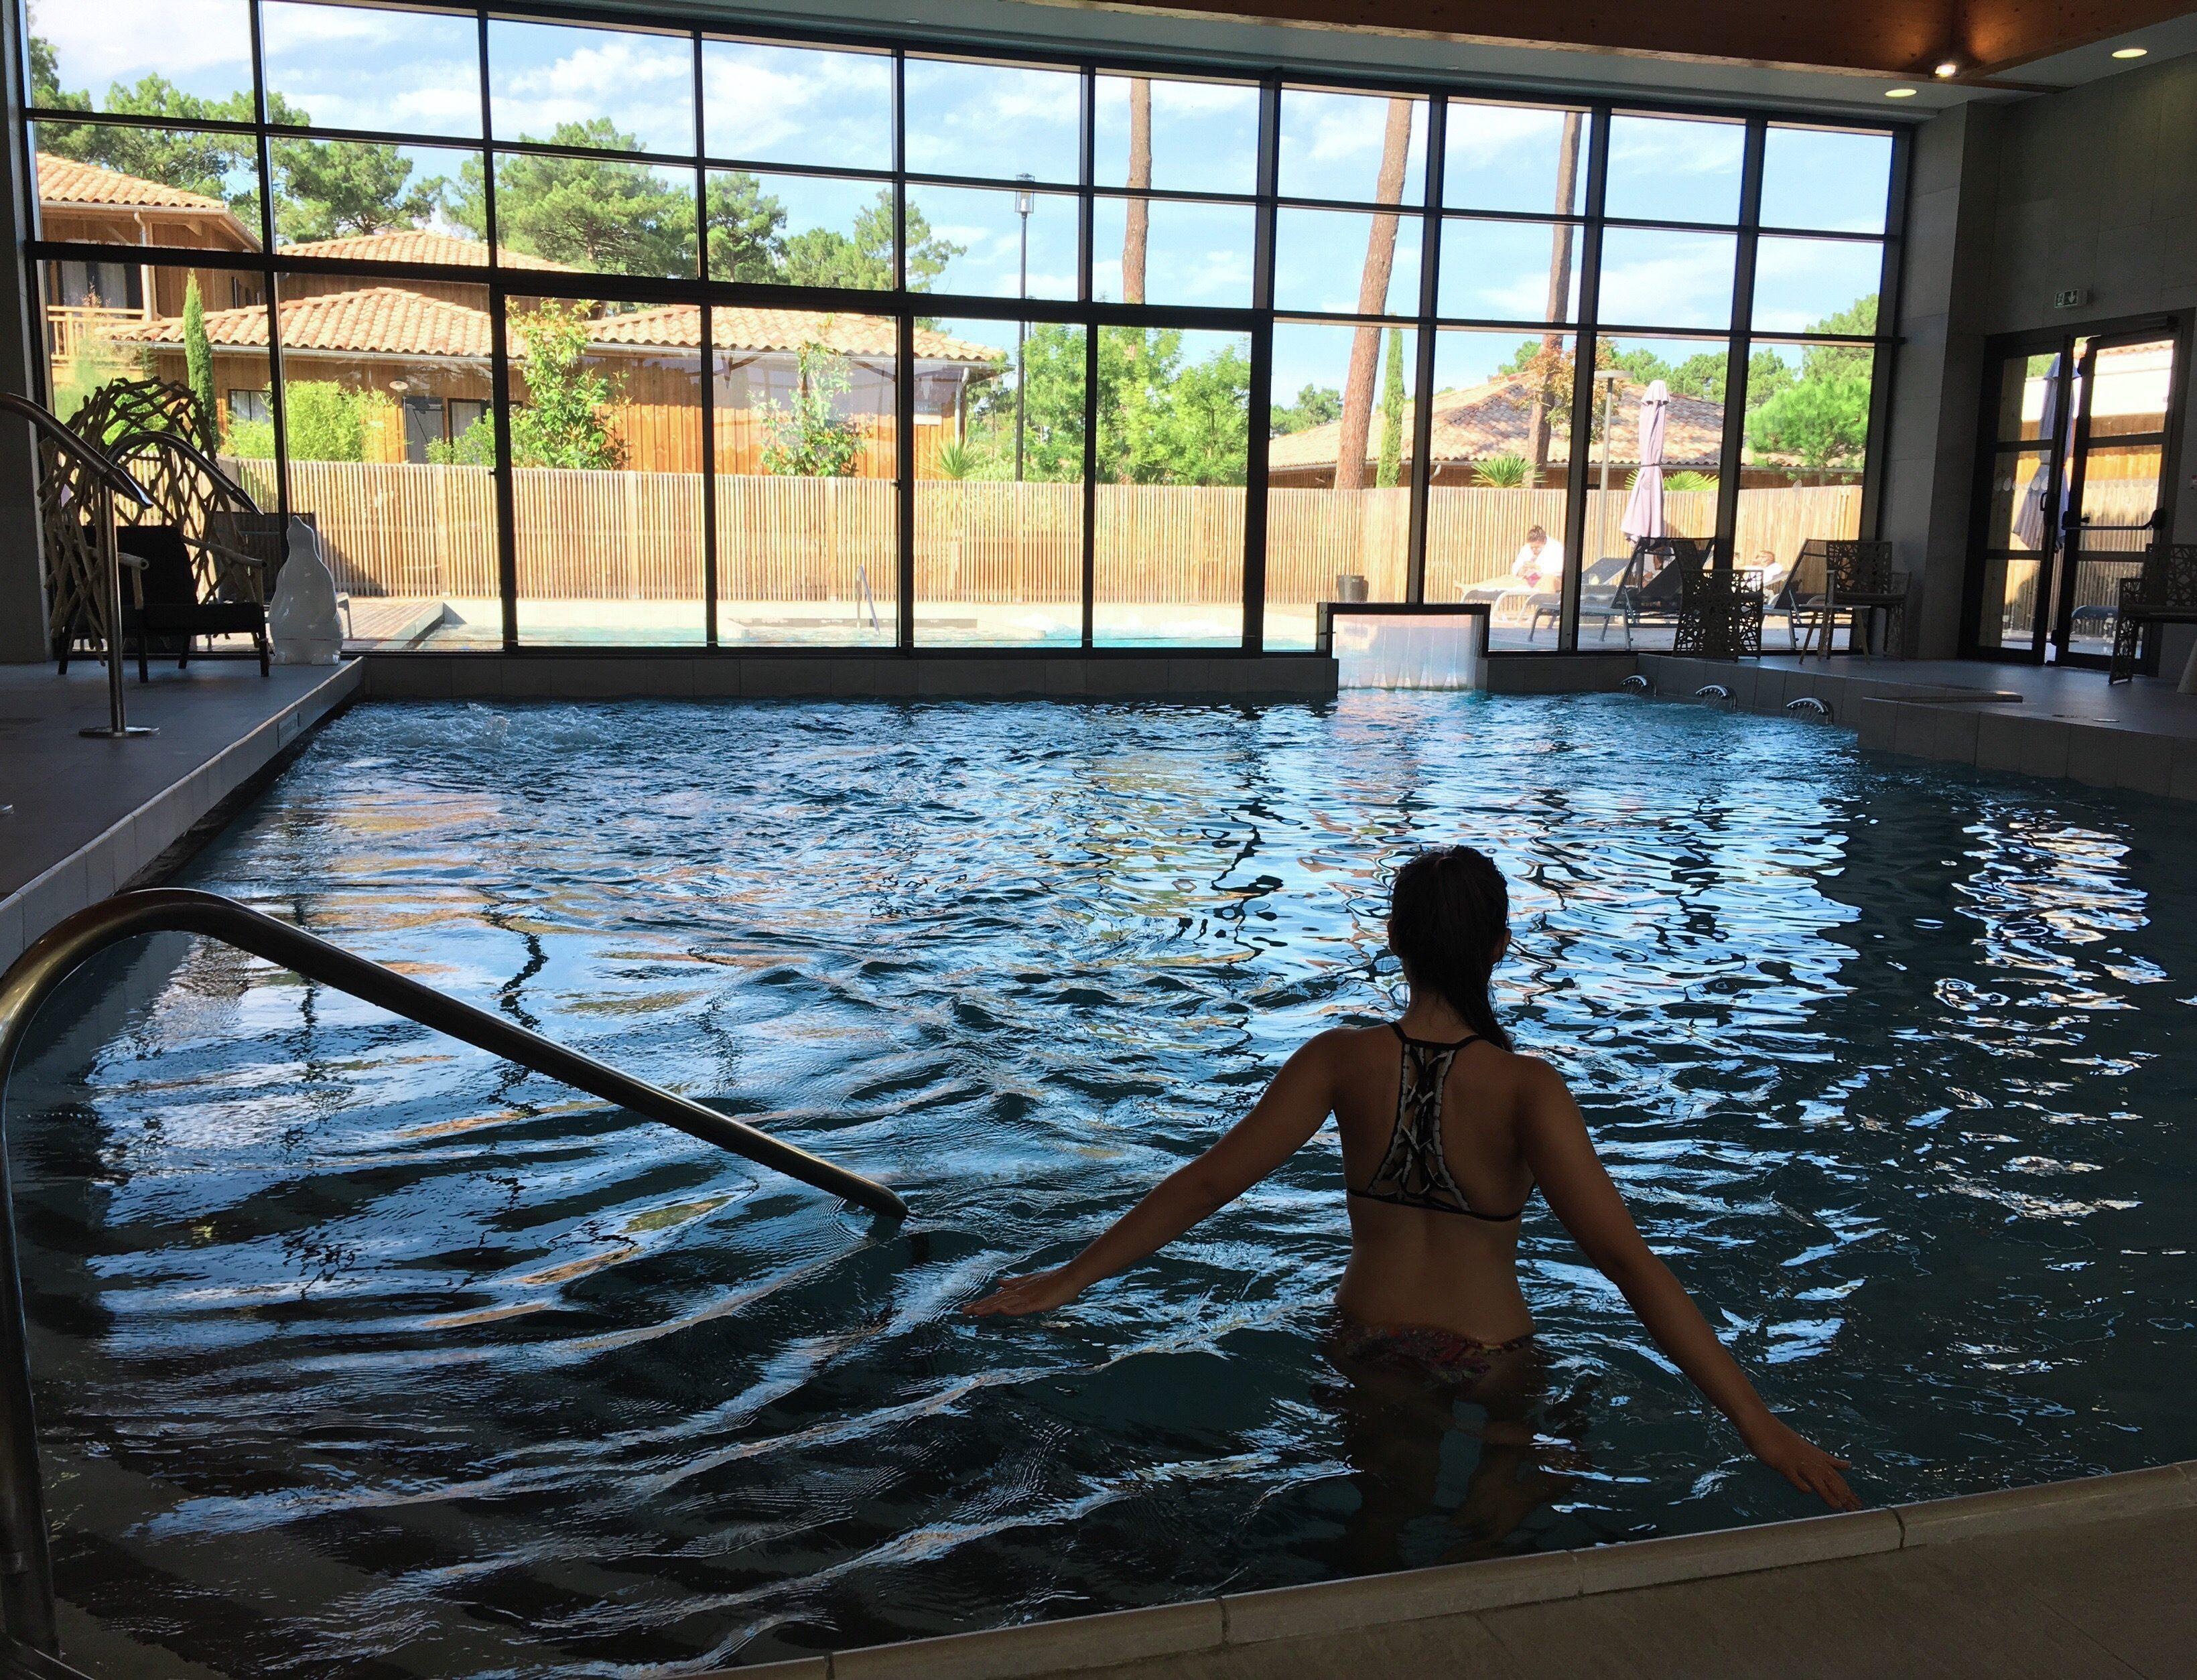 domaine-du-ferret-balneo-spa-week-end-detente-au-domaine-du-ferret-piscine-interieure-hammam-piscine-lodge-domaine-du-ferret-claouey-piscine-exterieure-les-ptits-touristes-blog-voyage